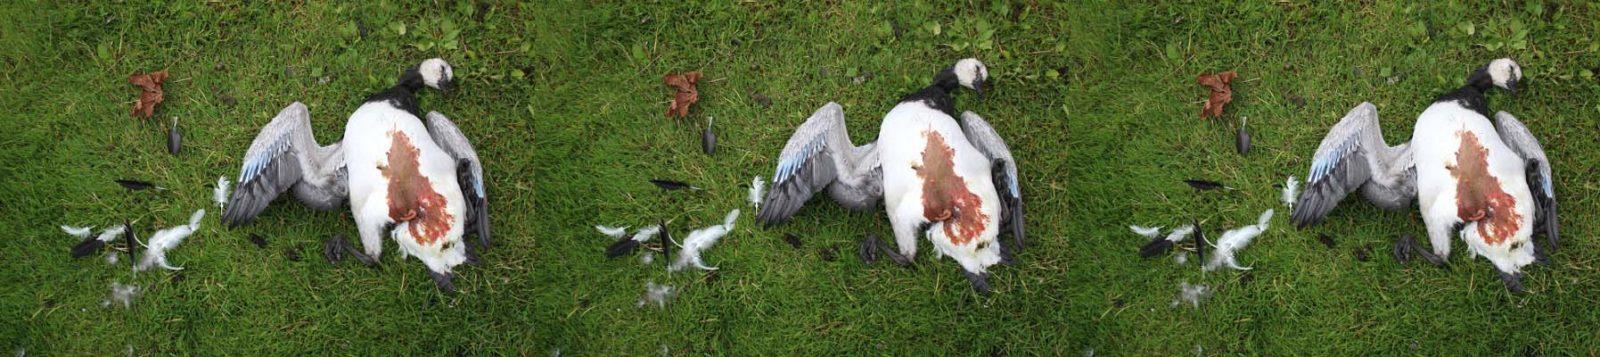 Vapaaksi päästetyn koiran tappama keskenkasvuinen valkoposkihanhi, kuva: Christa Granroth.